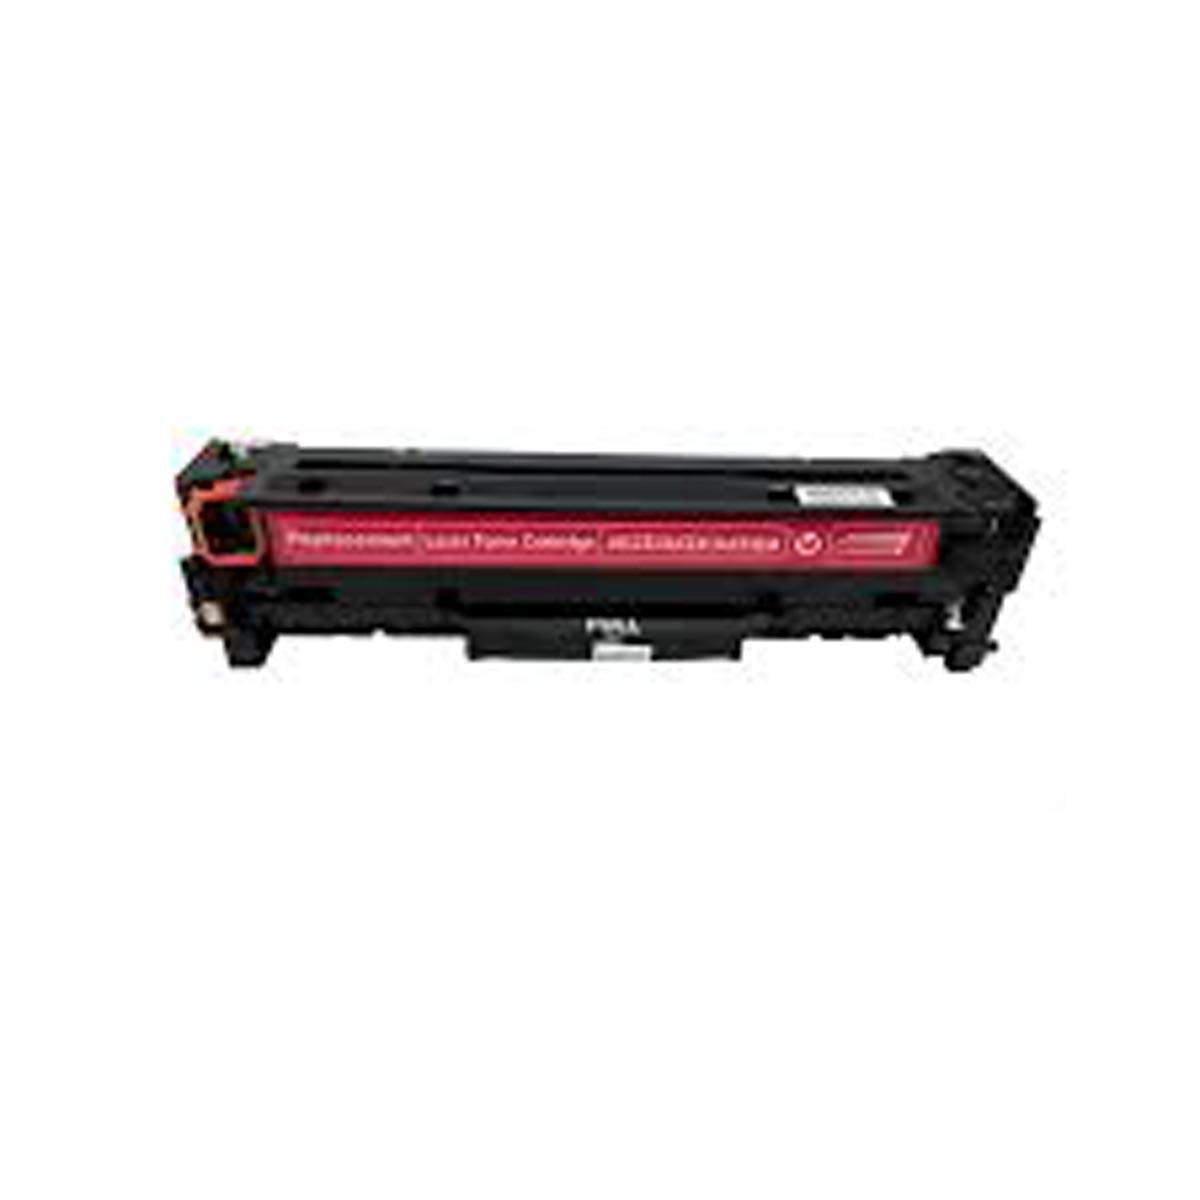 Toner CF383 383 312A M451 M475dn Magenta - 2,7K